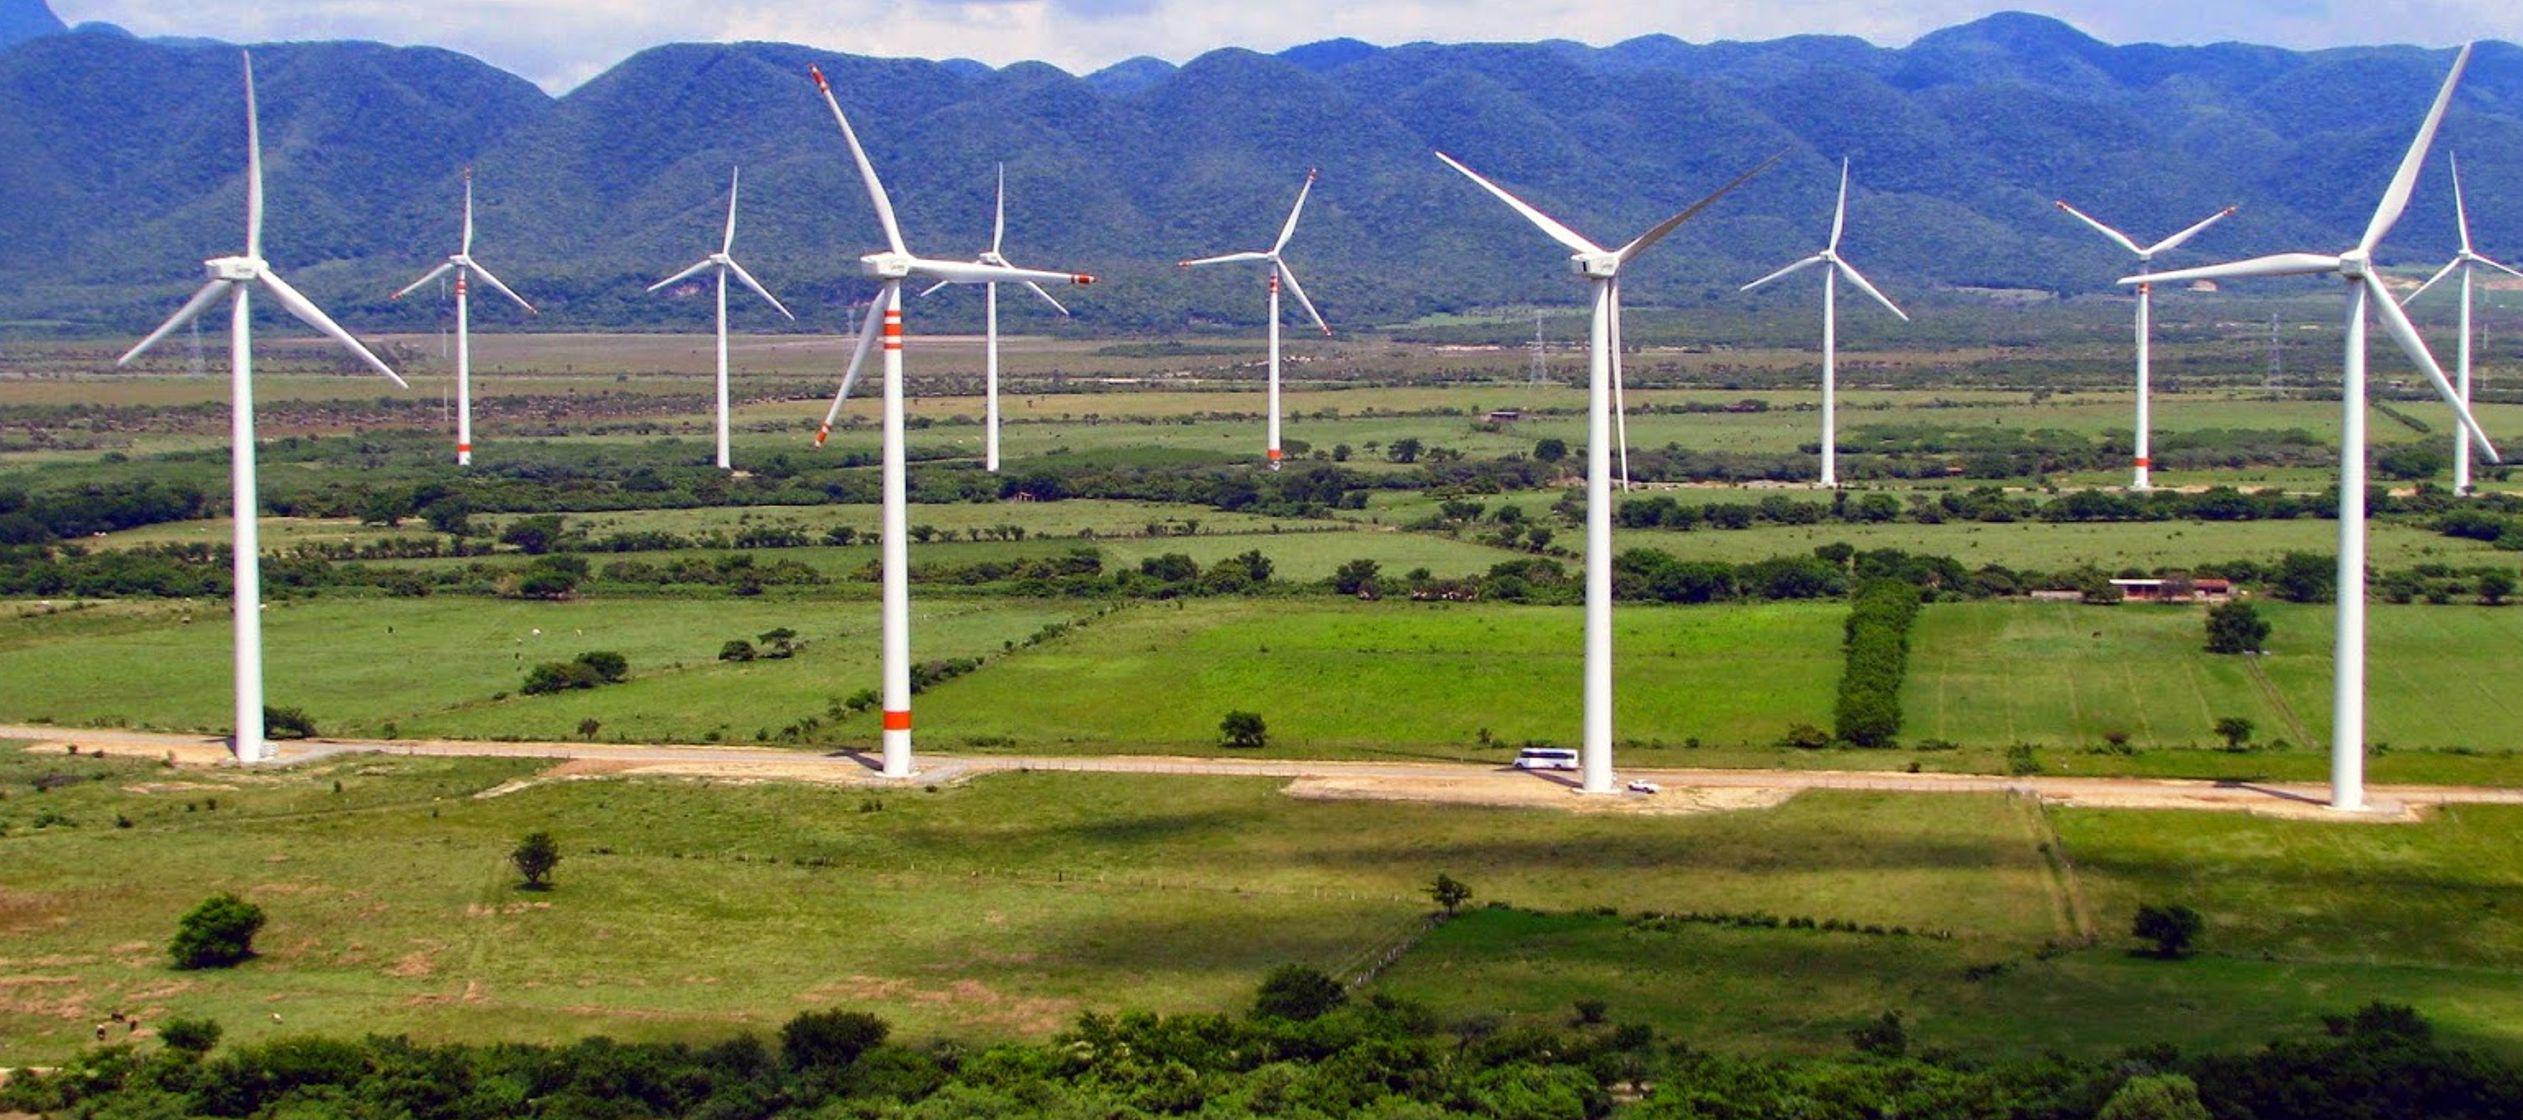 El parque eólico más grande de Latinoamérica